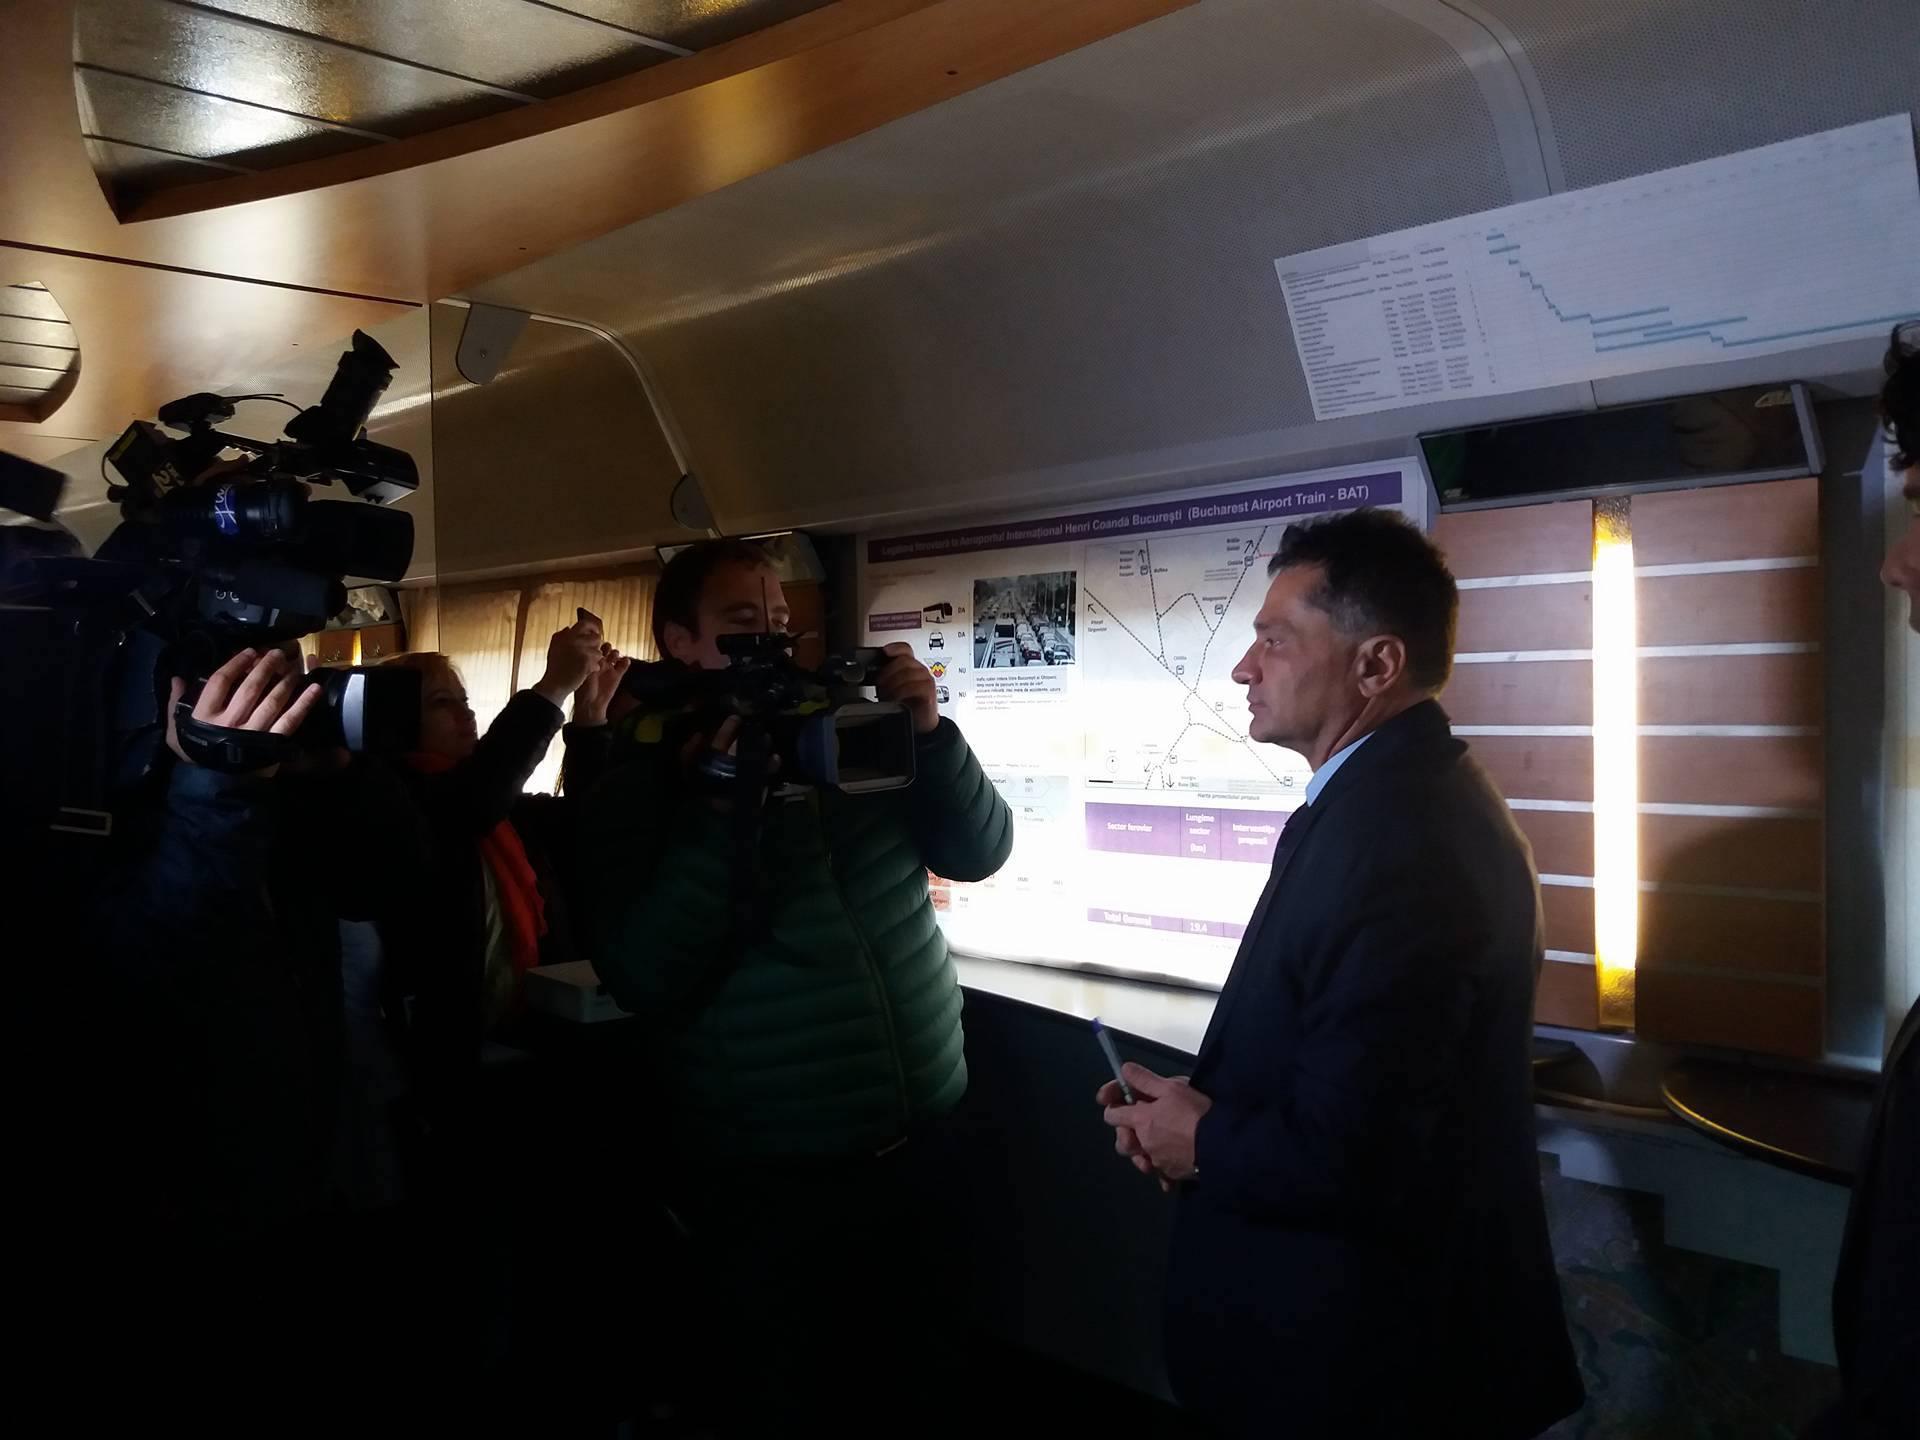 Vom avea tren de la Gara de Nord la Aeroportul Otopeni